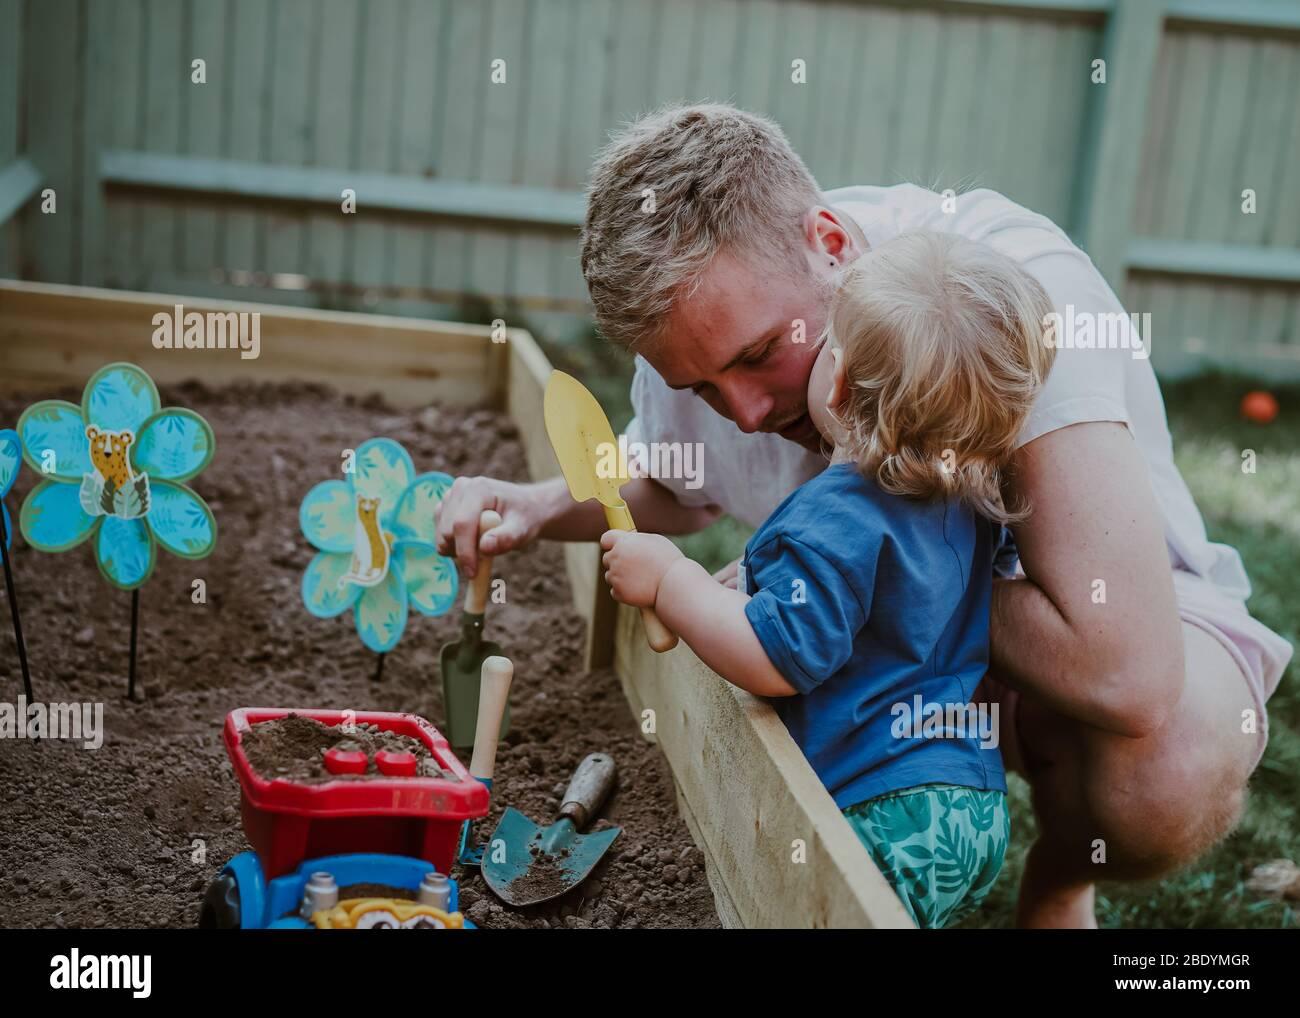 Niño pequeño niño pequeño jugando en el jardín con papá Foto de stock